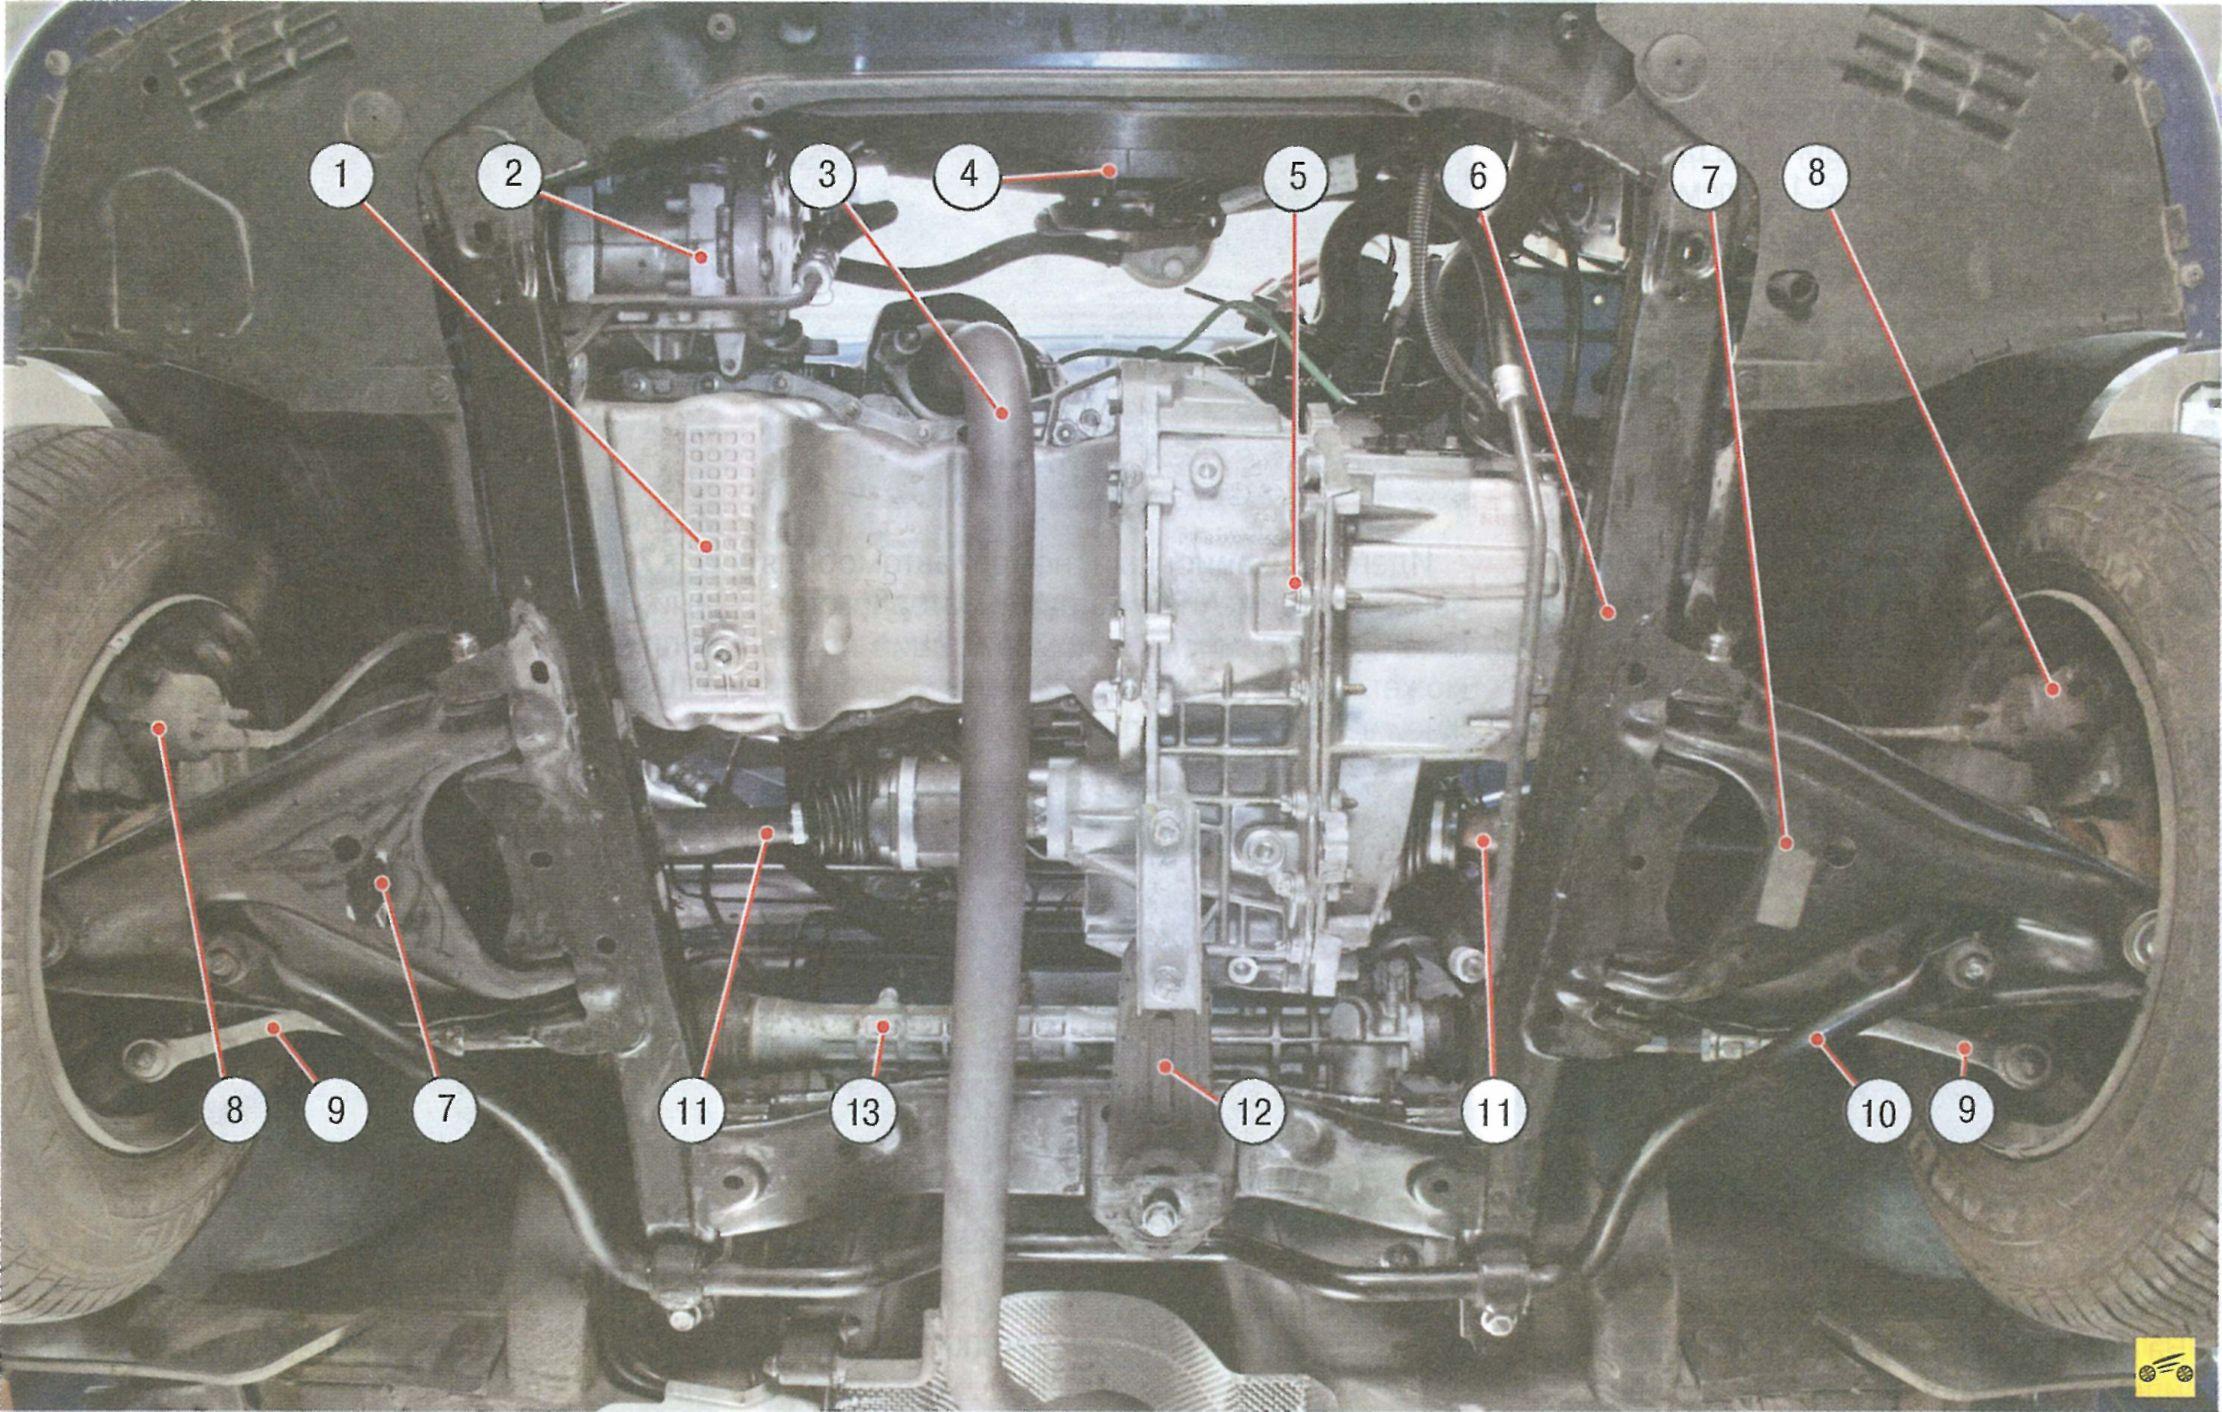 Подкапотное место (вид снизу) и главные узлы автомобиля Рено Логан (защита картера двигателя для наглядности снята)...